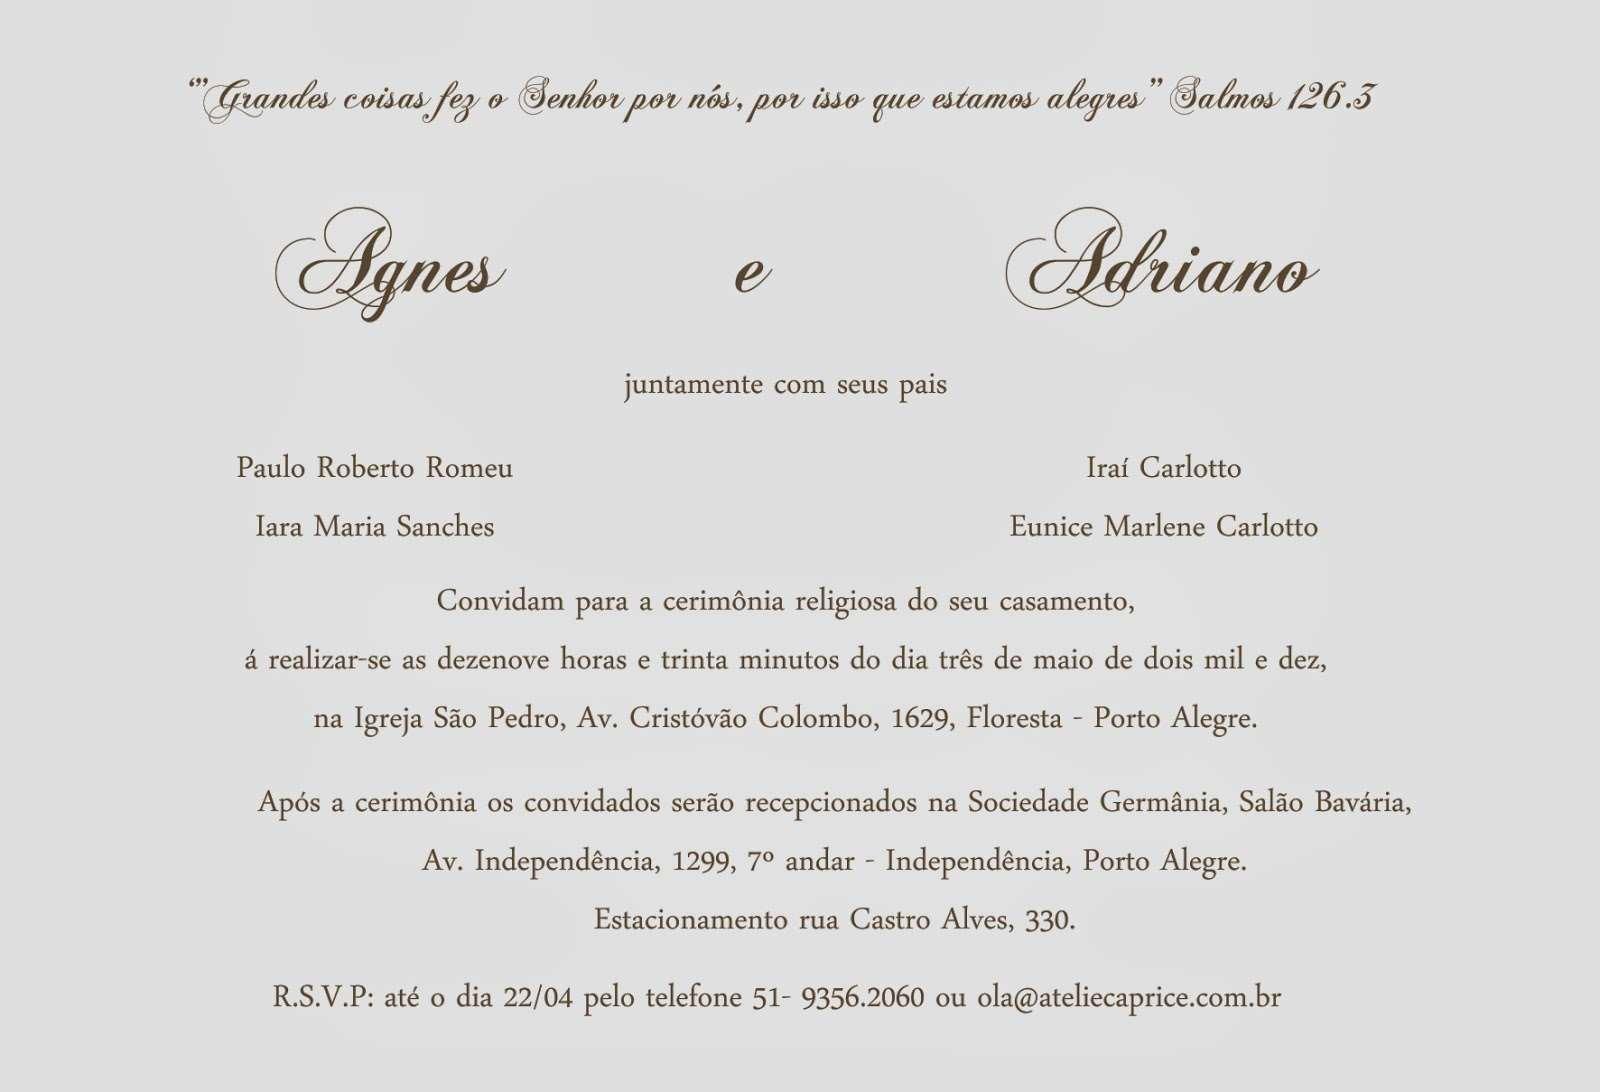 Convite de casamento clássico com salmos bíblicos